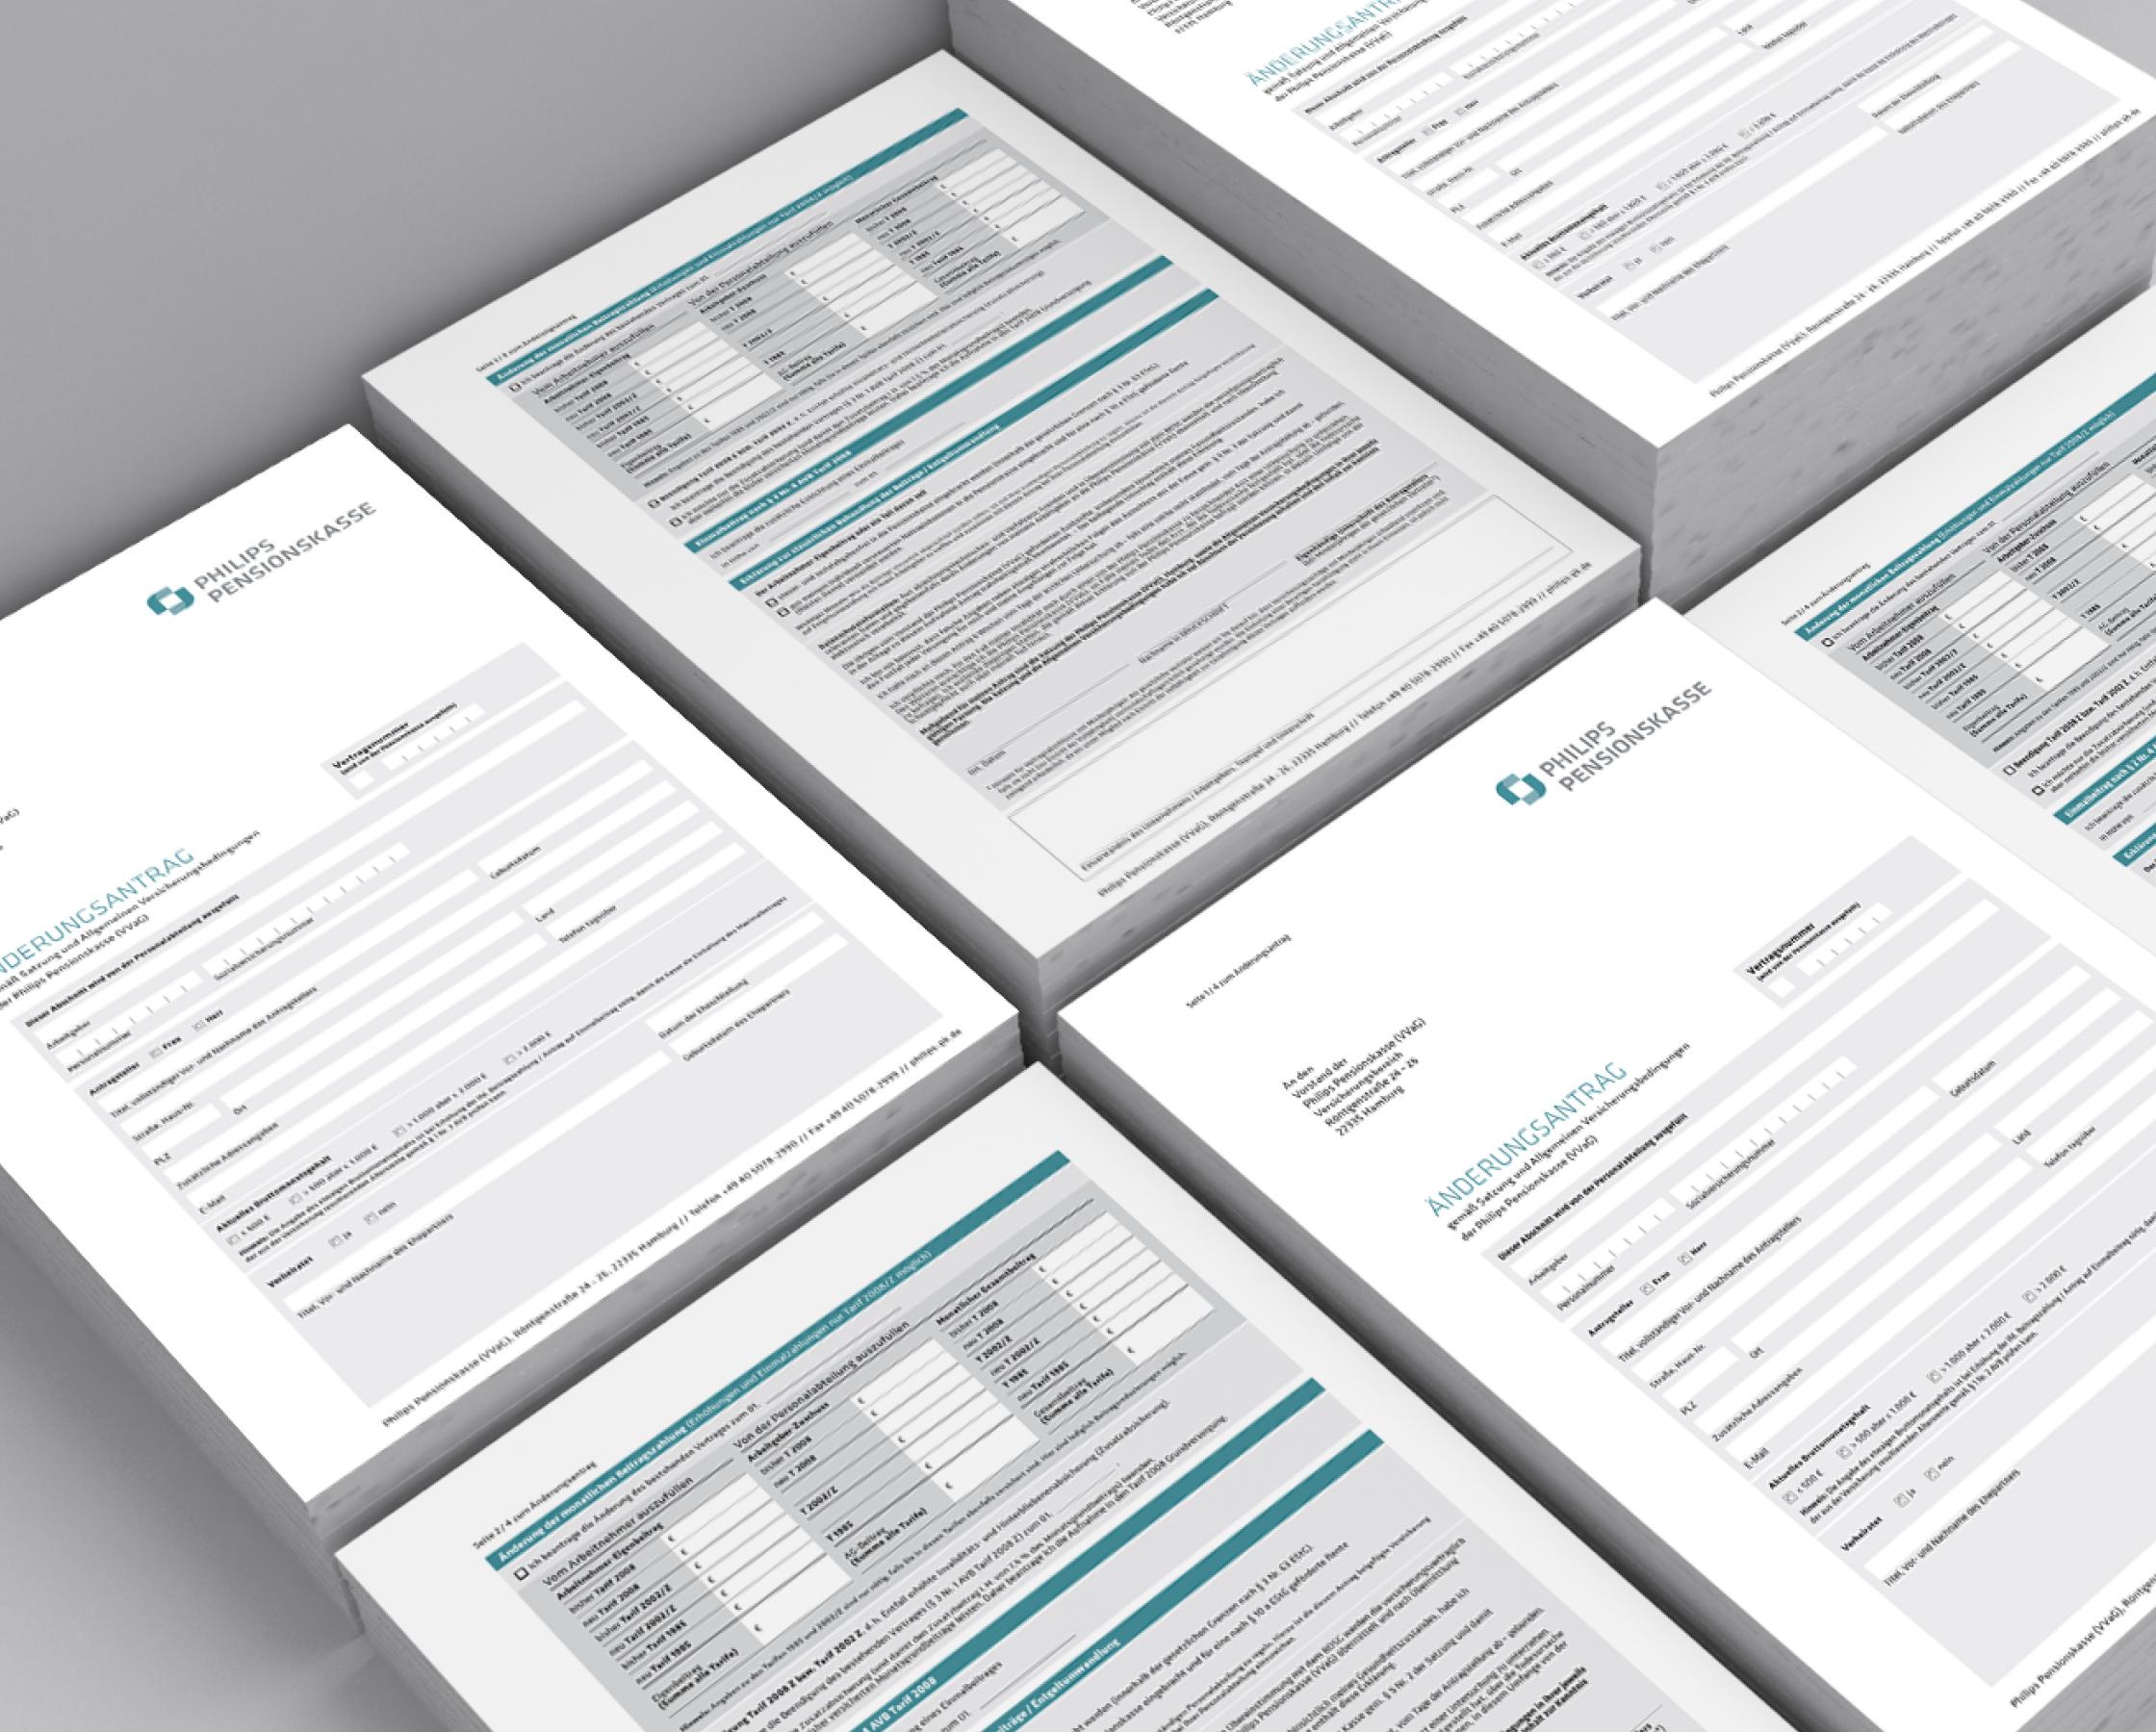 Philips Pensionskasse: CD-Entwicklung von Bosbach, Formular-Design